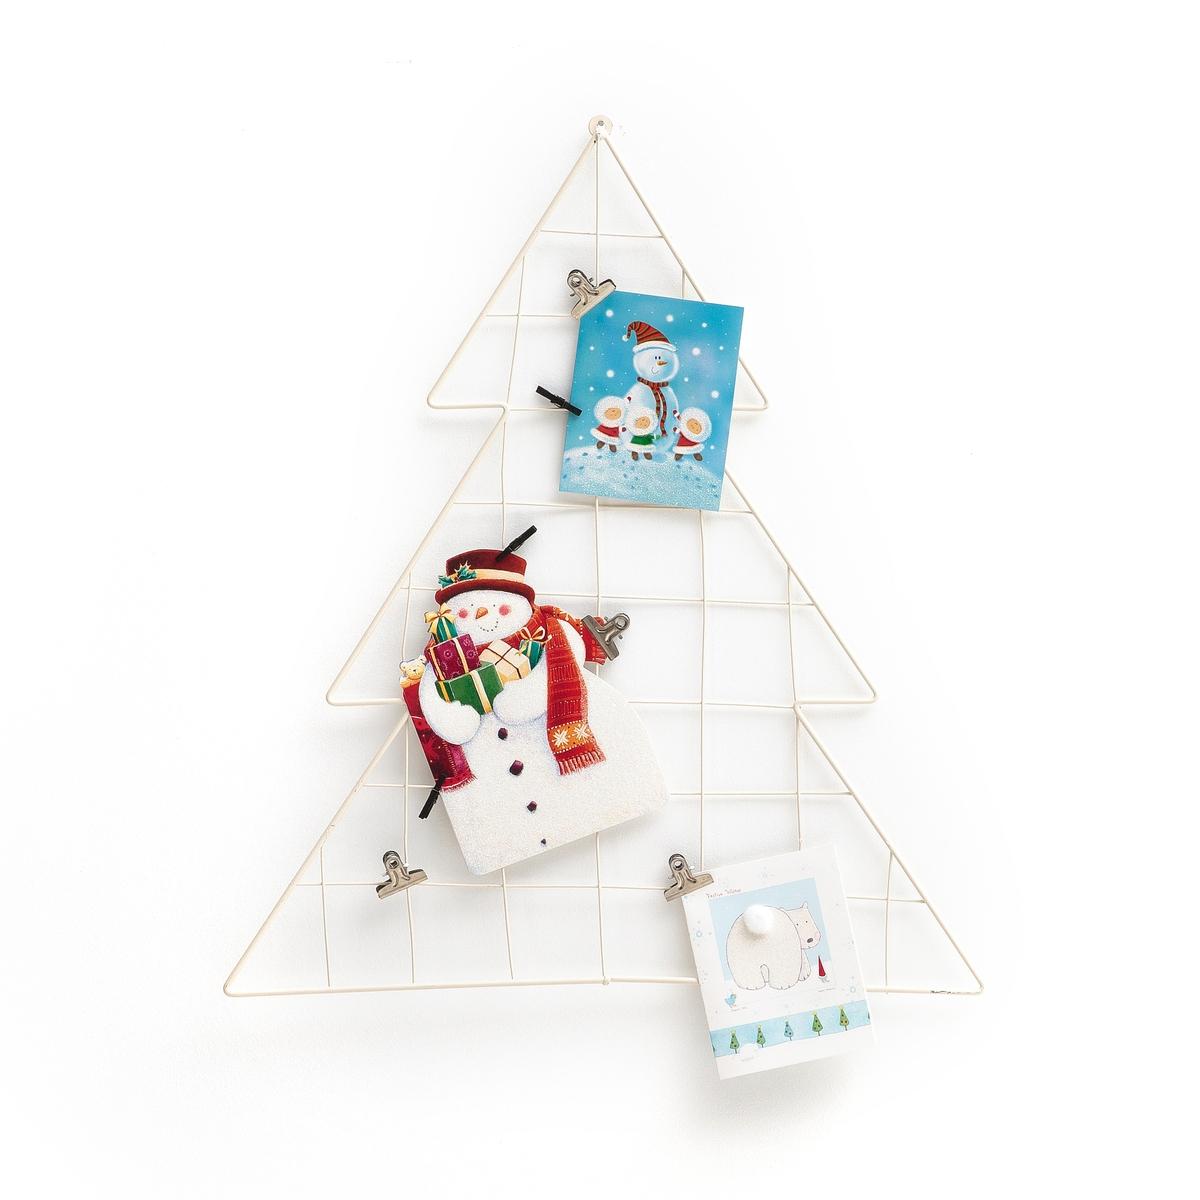 Рамка в форме елки, EPINOОписание:Рамка в форме елки, EPINO. Повесьте карточки с желаниями ваших друзей и родственников или новогодние украшения.Характеристики :Материал : из металла, покрытого эпоксидной краской4 металлических зажима + 4 деревянных зажима в комплектеРазмеры : В.50 x 45 x 1,5 см<br><br>Цвет: белый,черный